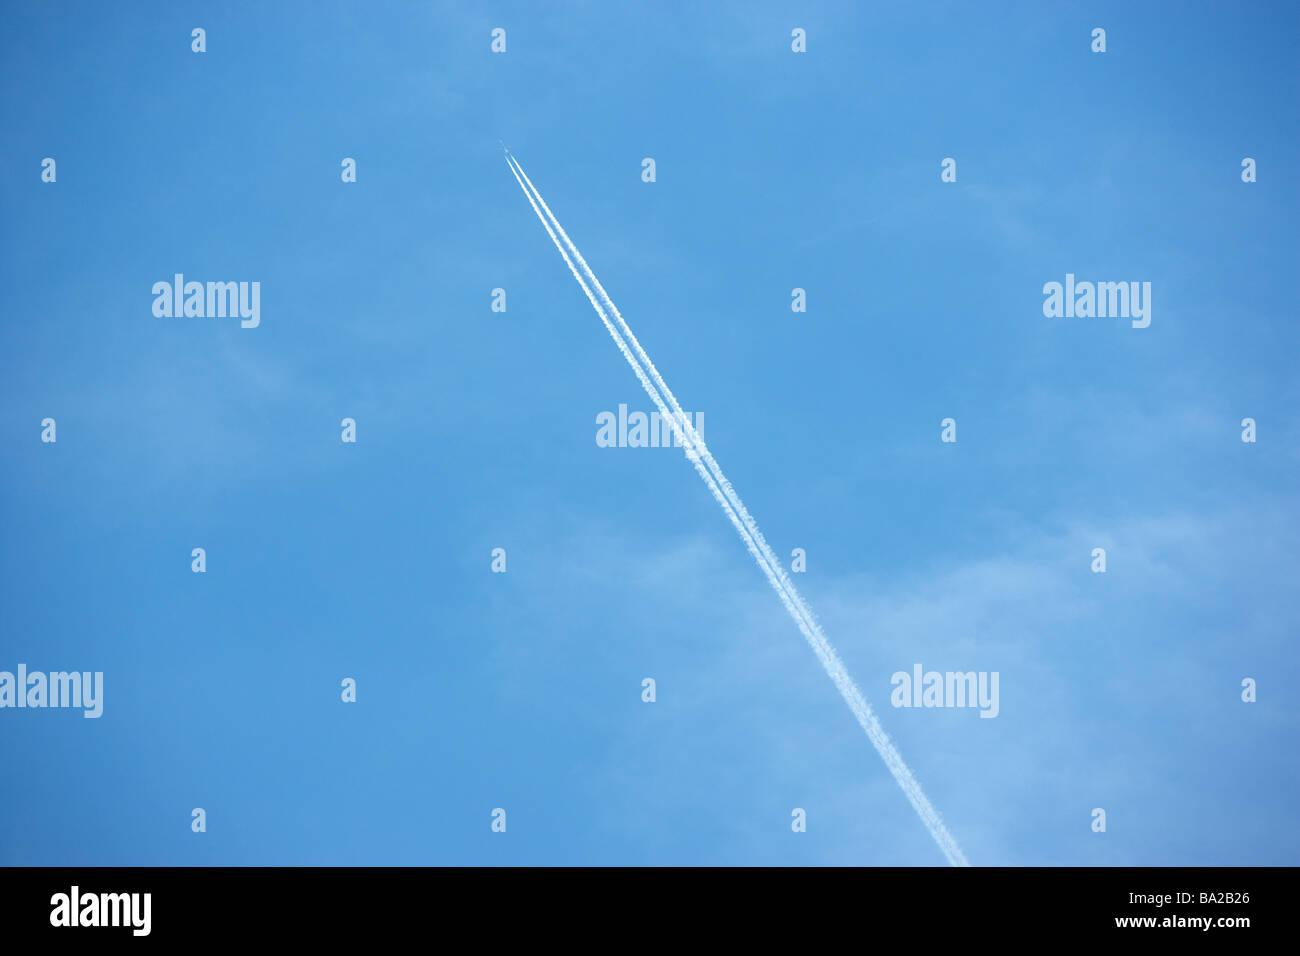 Traînée de condensation blanc à partir d'un Jet Comme il vole à travers un ciel bleu Photo Stock